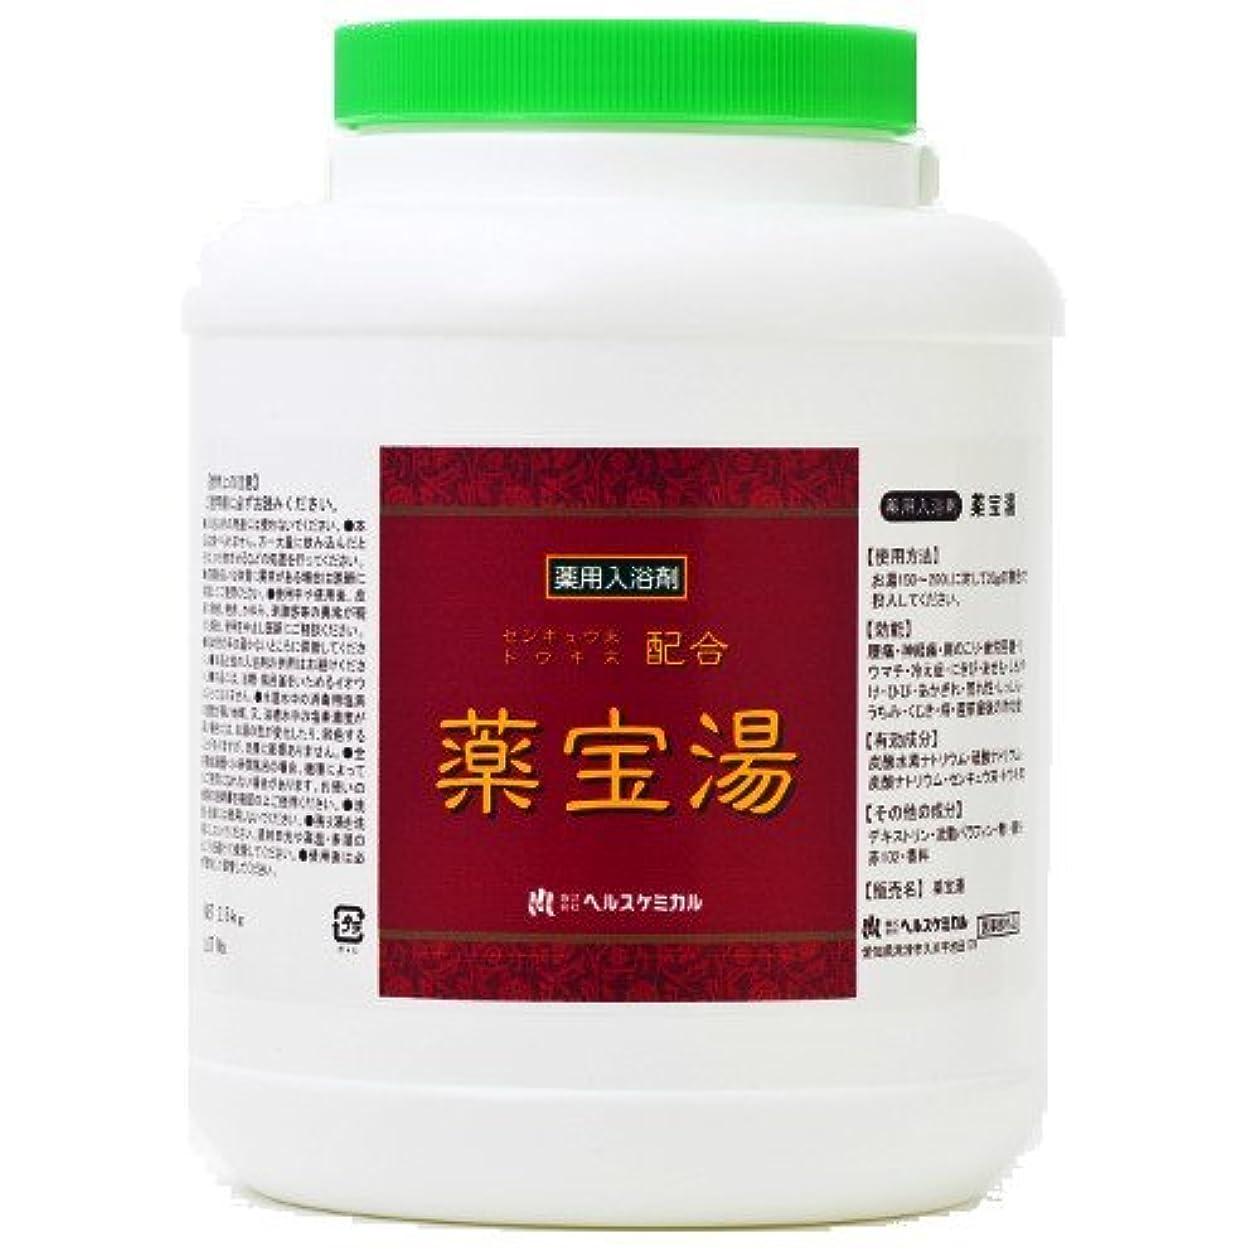 蒸留する時間隠す薬宝湯 やくほうとう 医薬部外品 天然生薬 の 香り 粉末 入浴剤 高麗人参 エキス 配合 (2.5kg (約125回分))